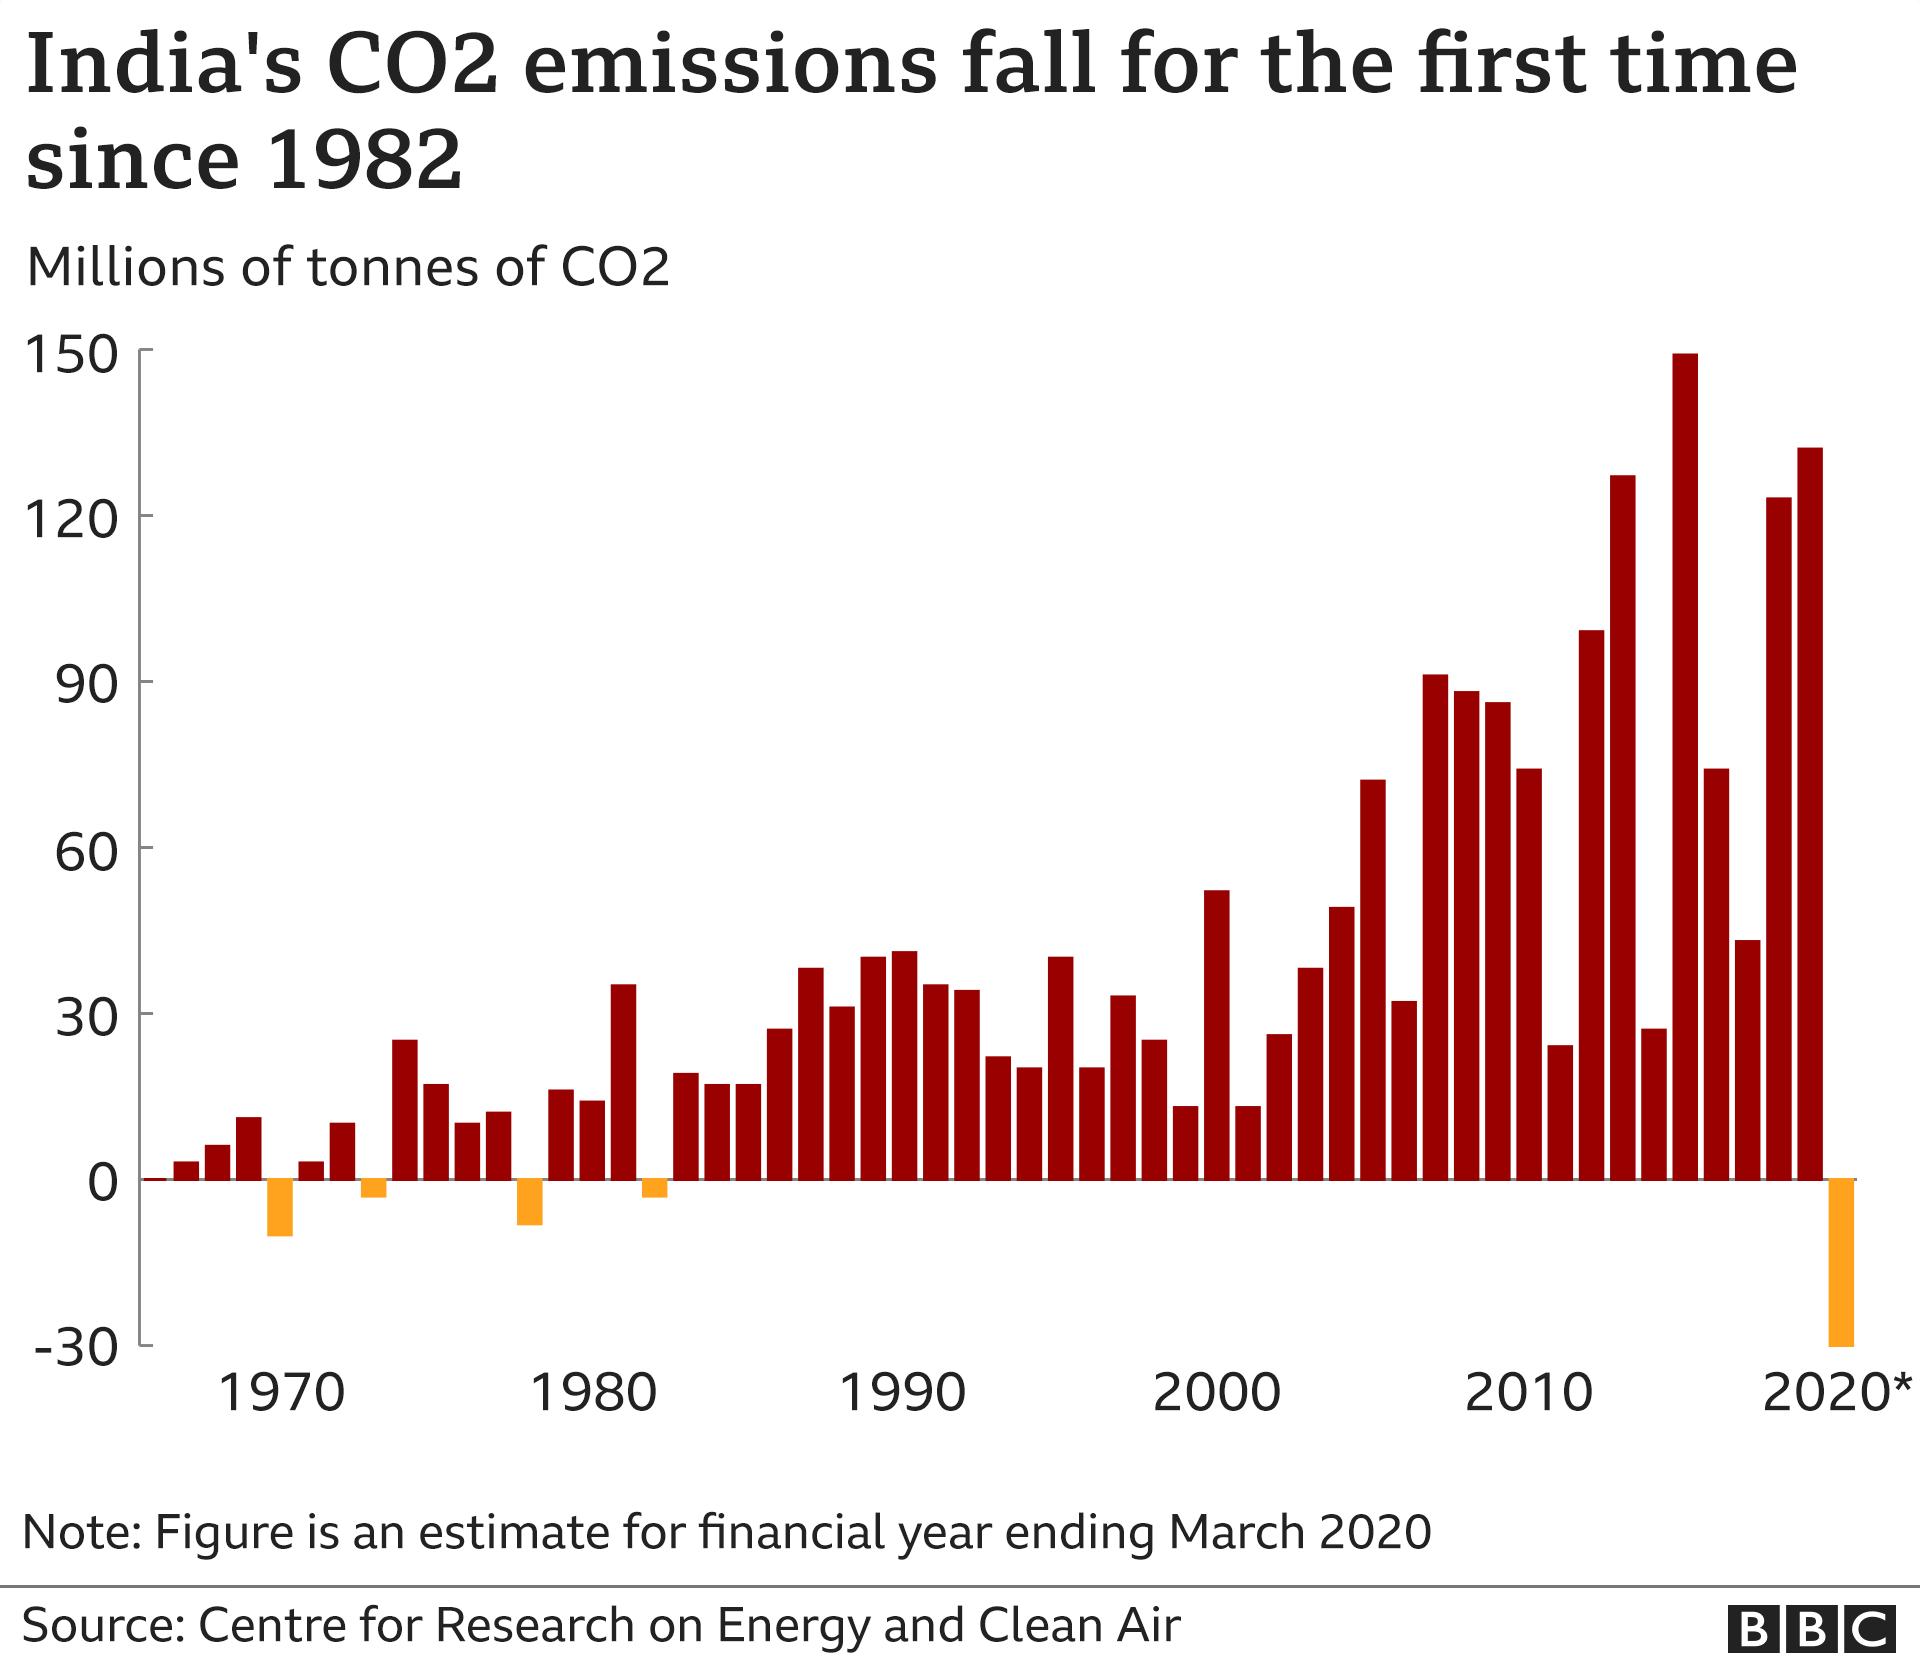 India emissions fall chart